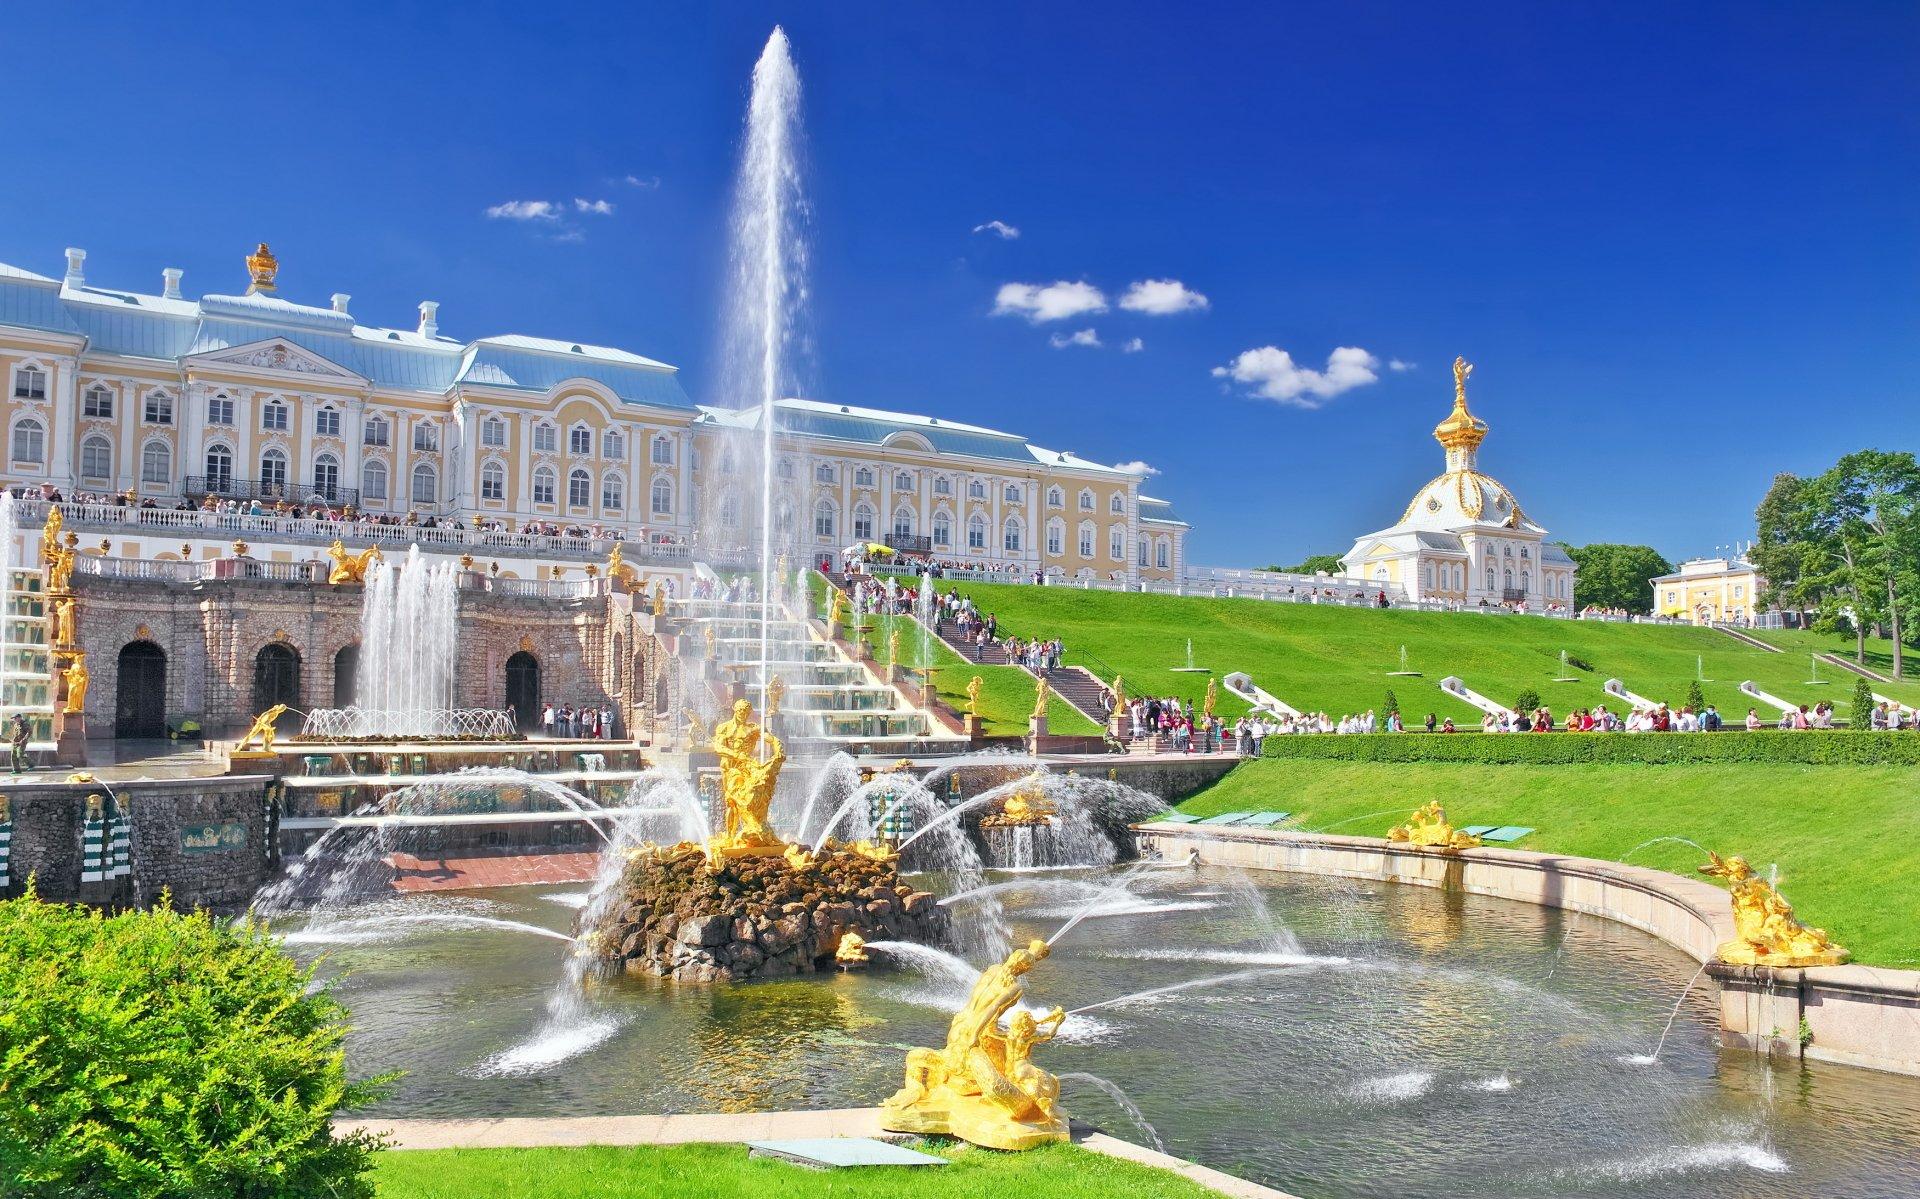 Excursión por jardines y fuentes de Peterhof